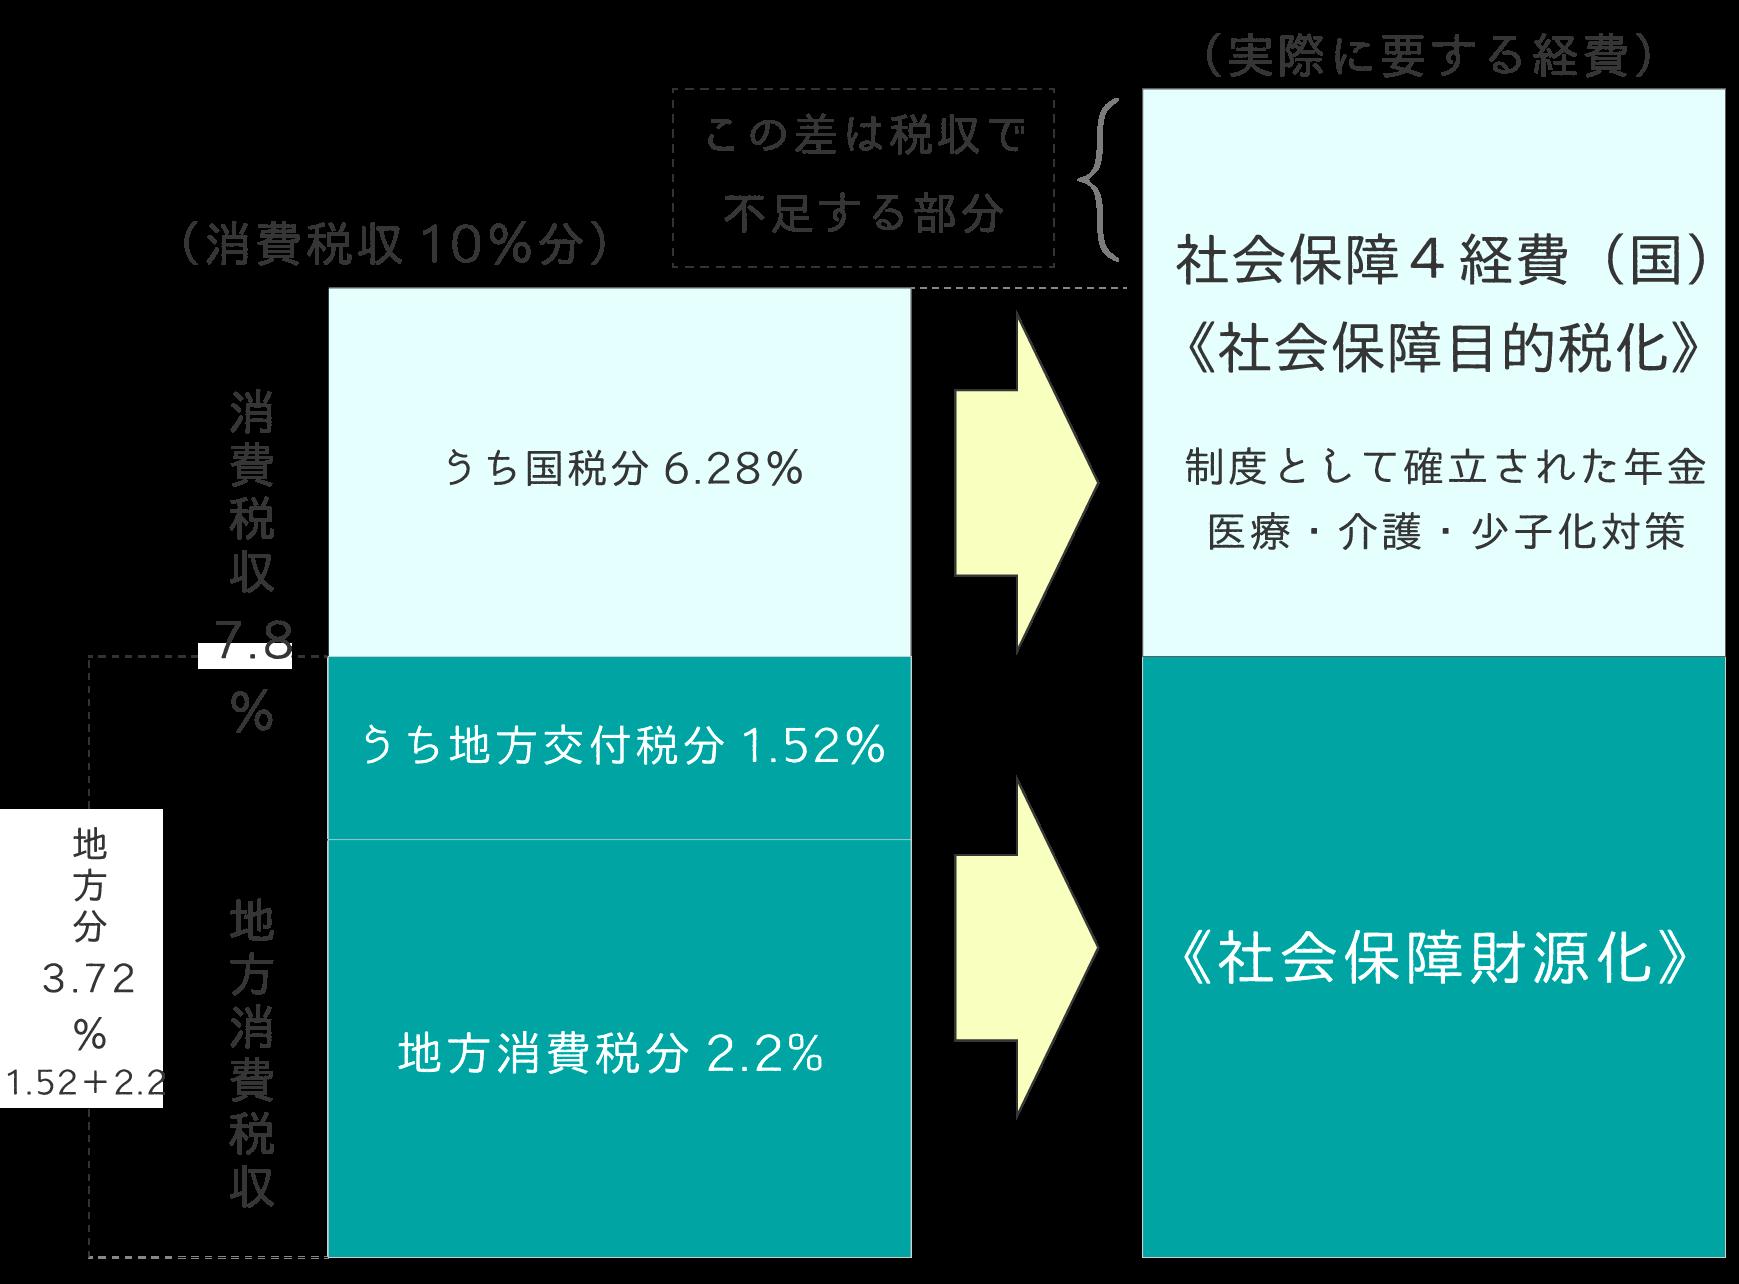 消費税の国・地方の配分